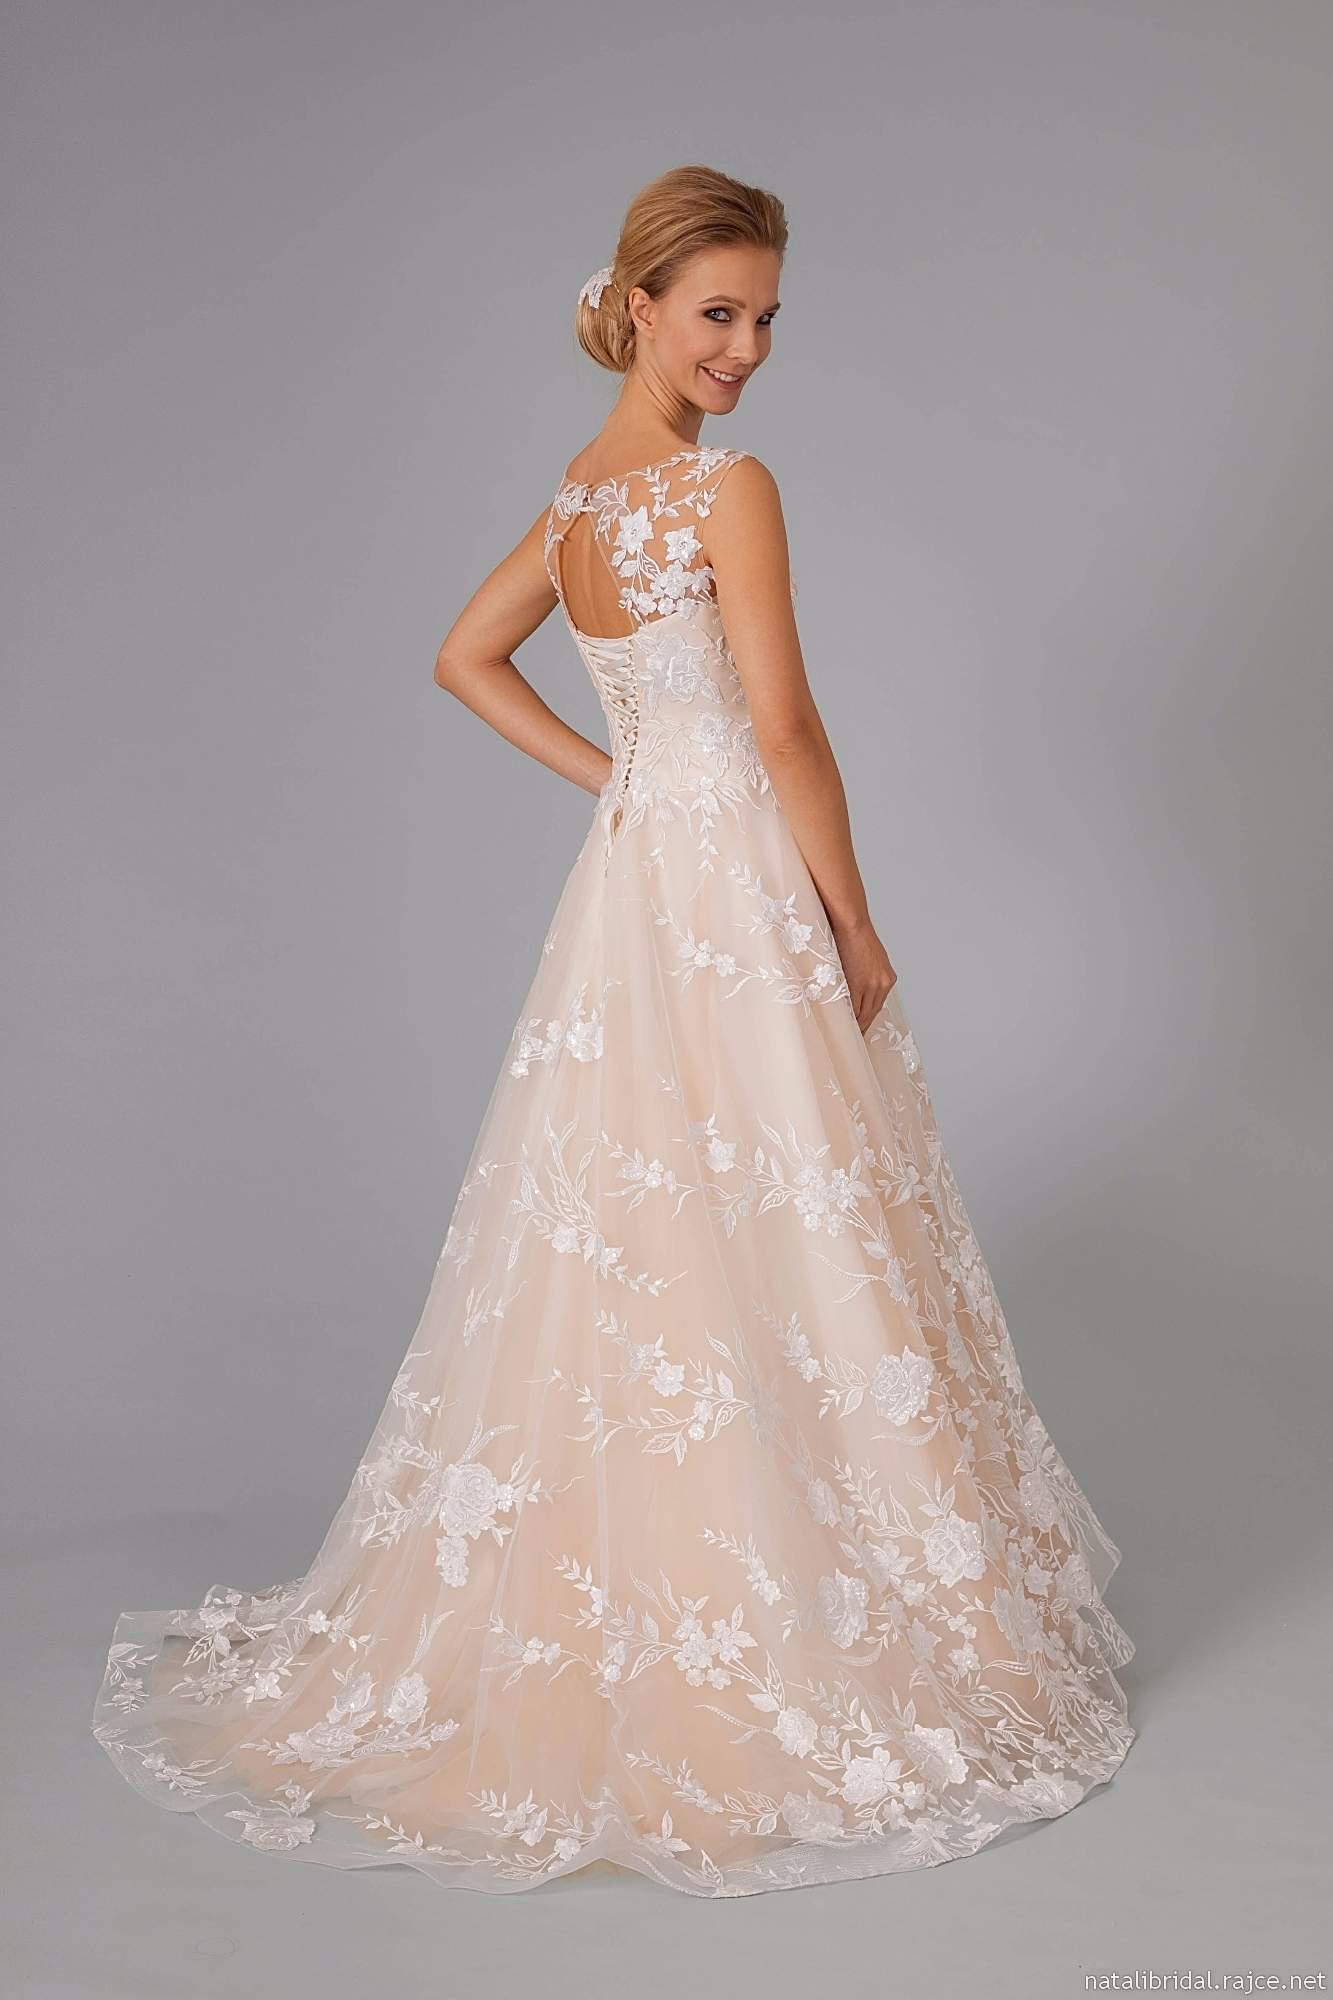 b788927299b1 Svatební šaty Brno - svatební salon